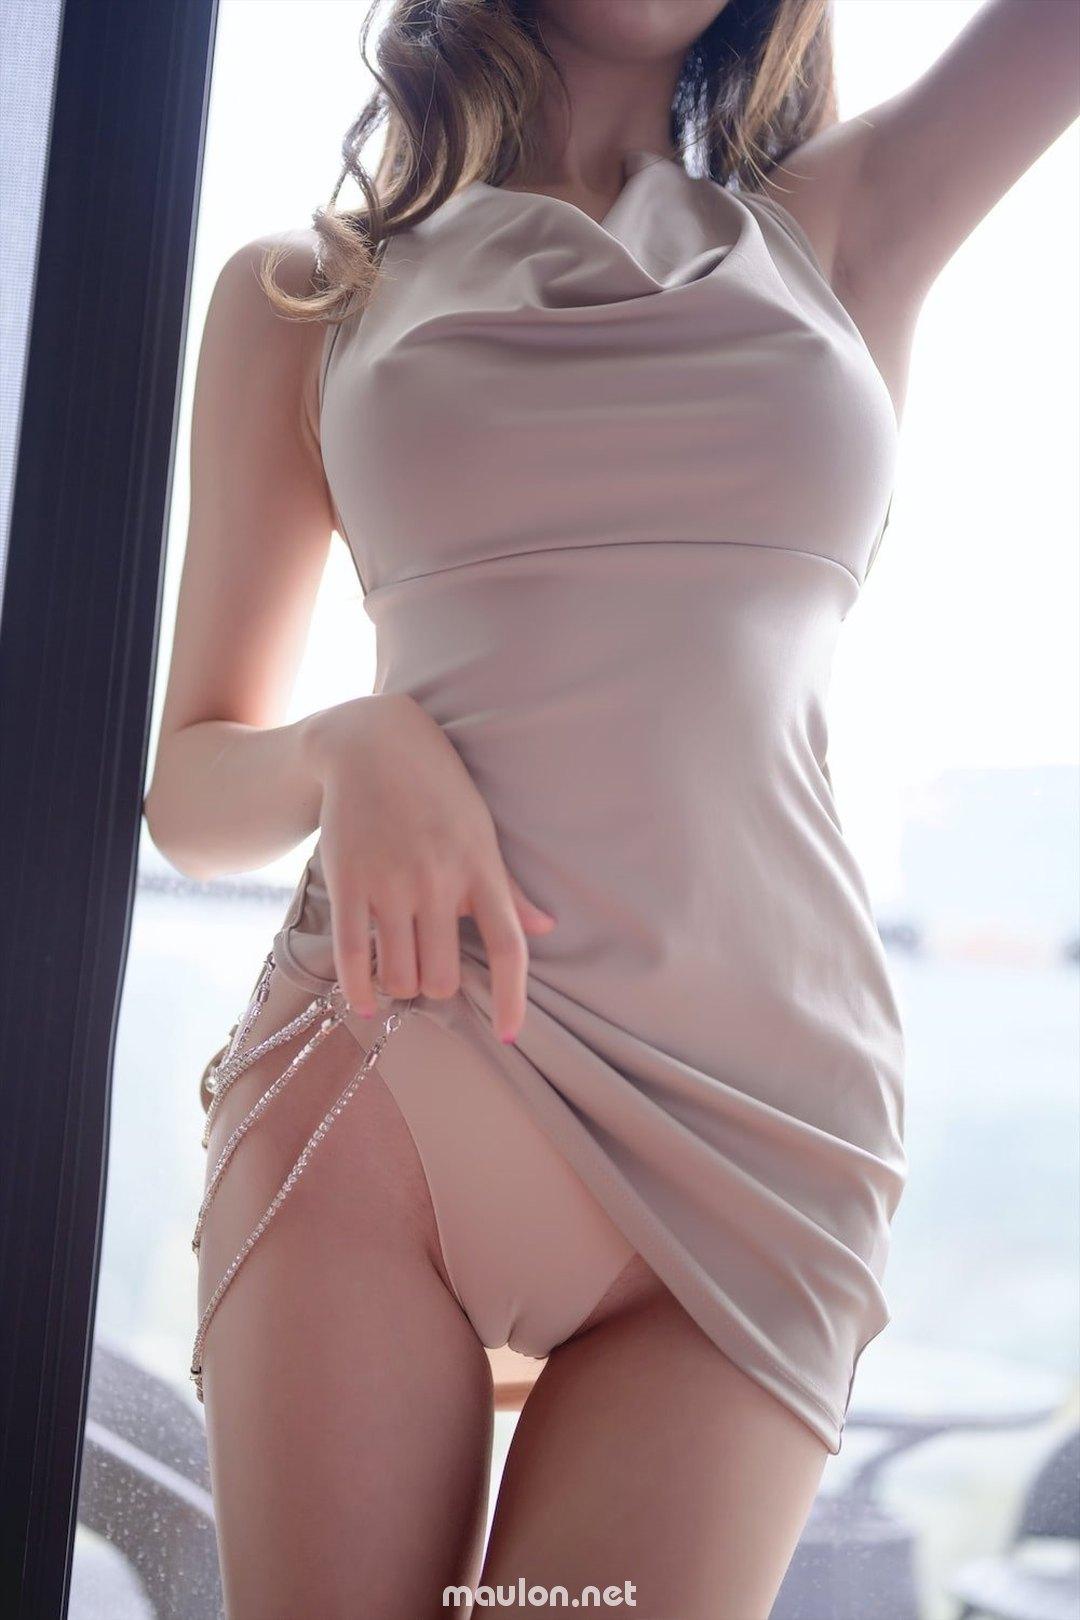 MauLon.Net - Ảnh sex gái xinh chân dài hàn quốc khoe mu lồn